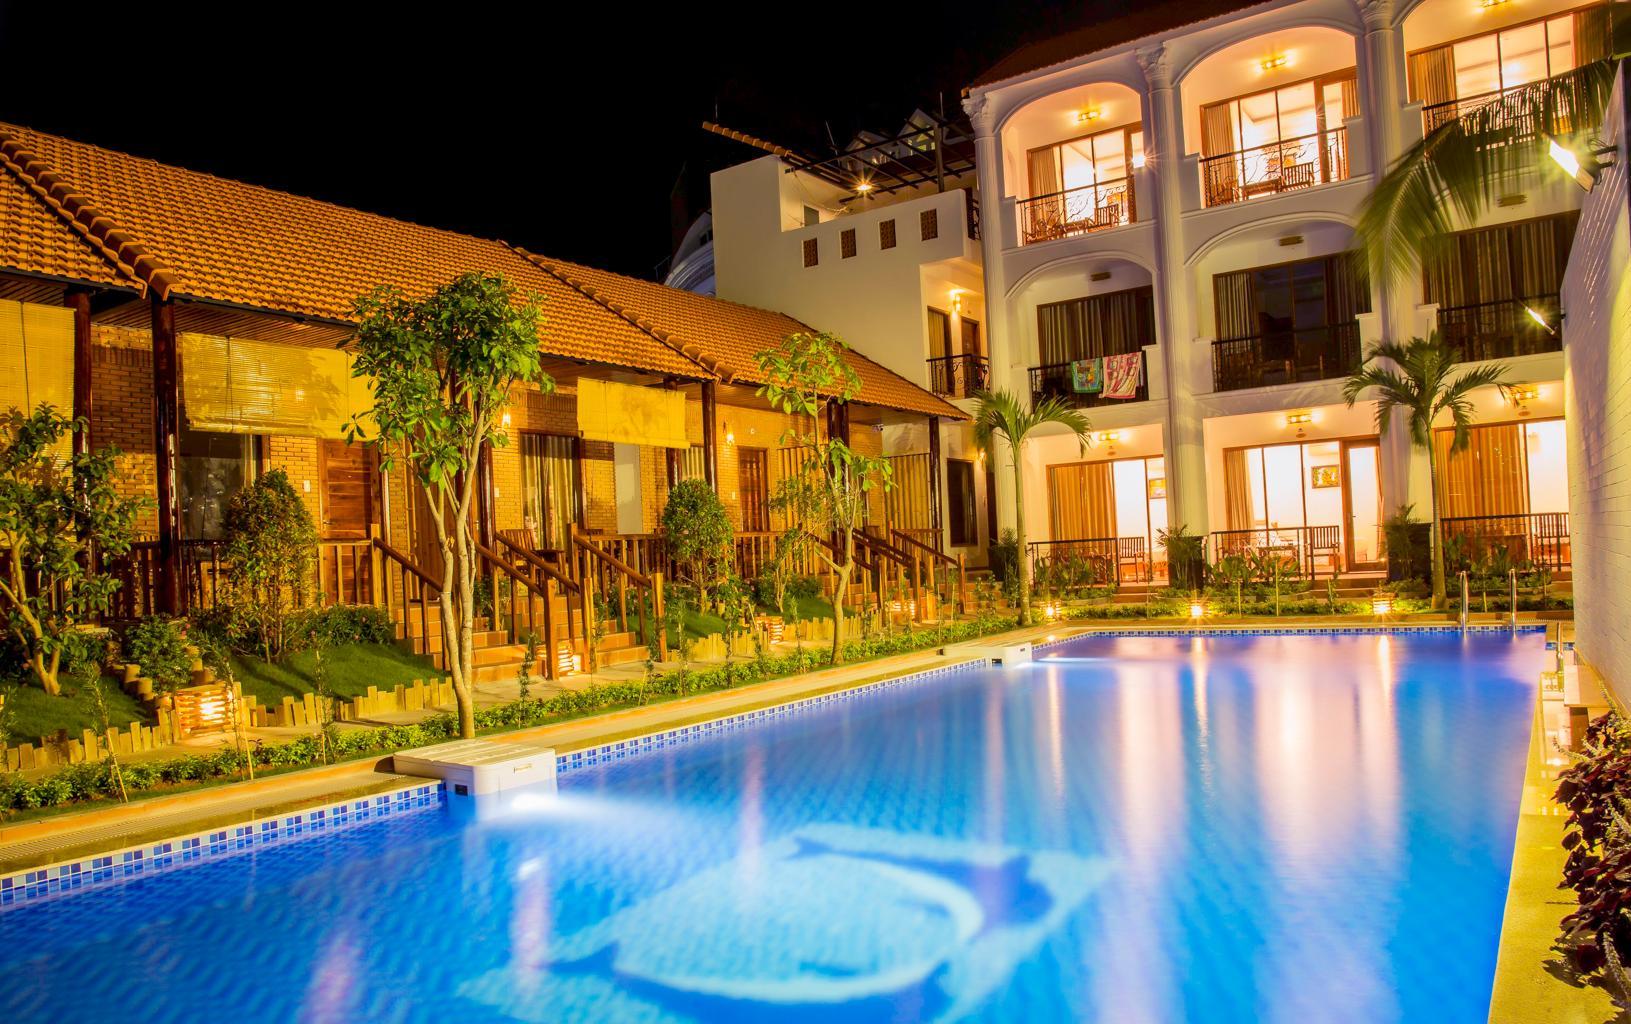 Dong Xuan Hong Hotel Phu Quoc